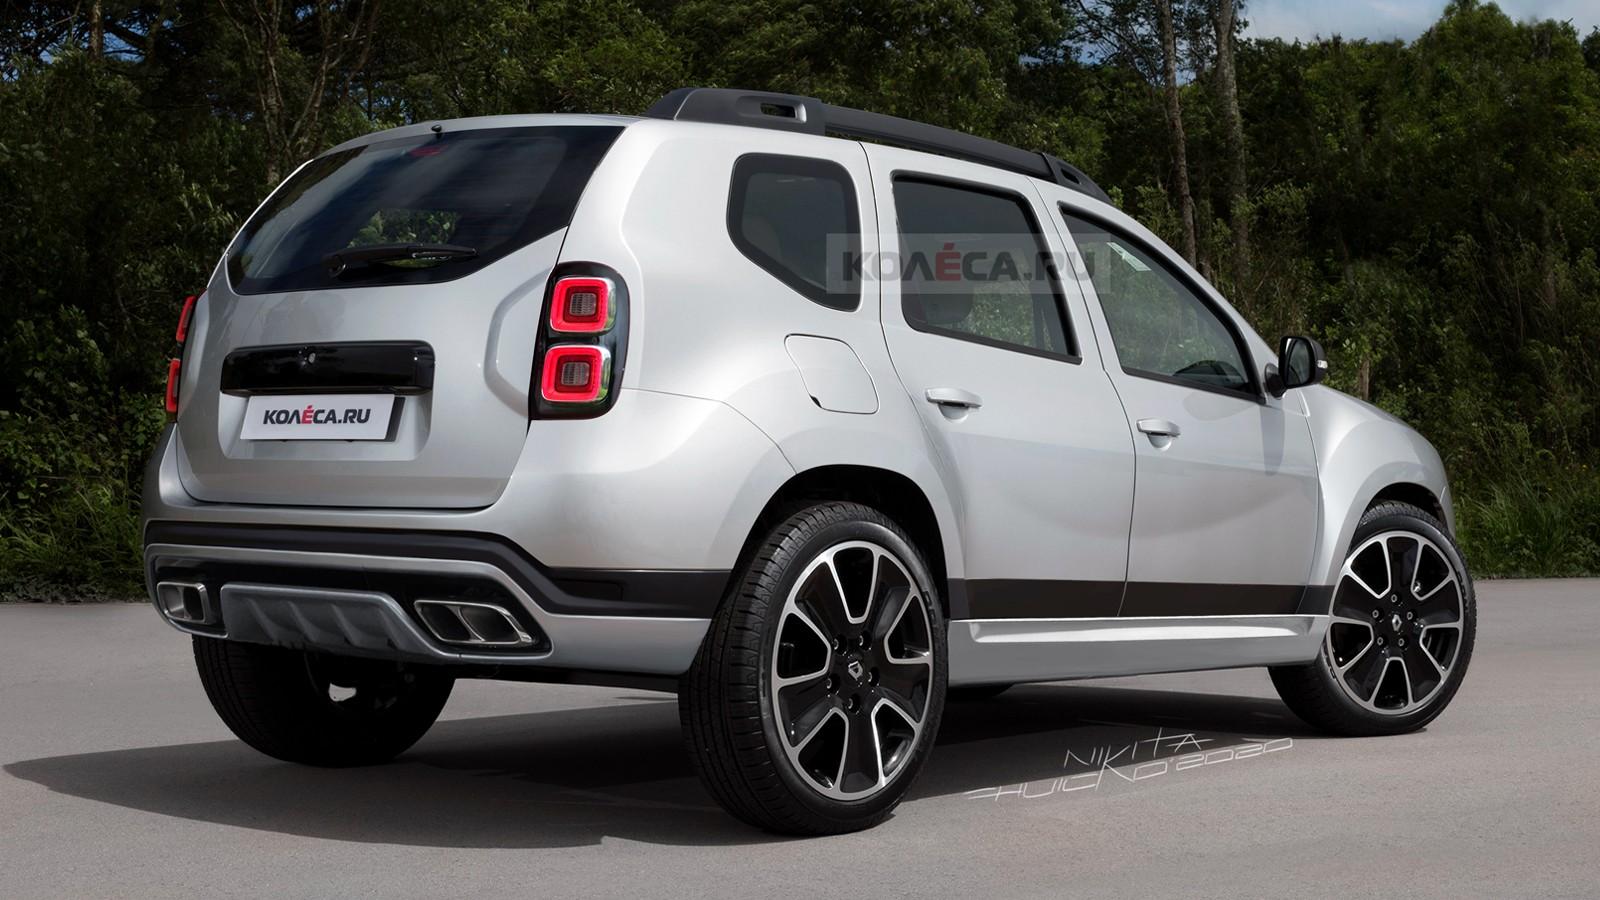 Дерзкий бюджетник: Renault Duster в премиальном тюнинге